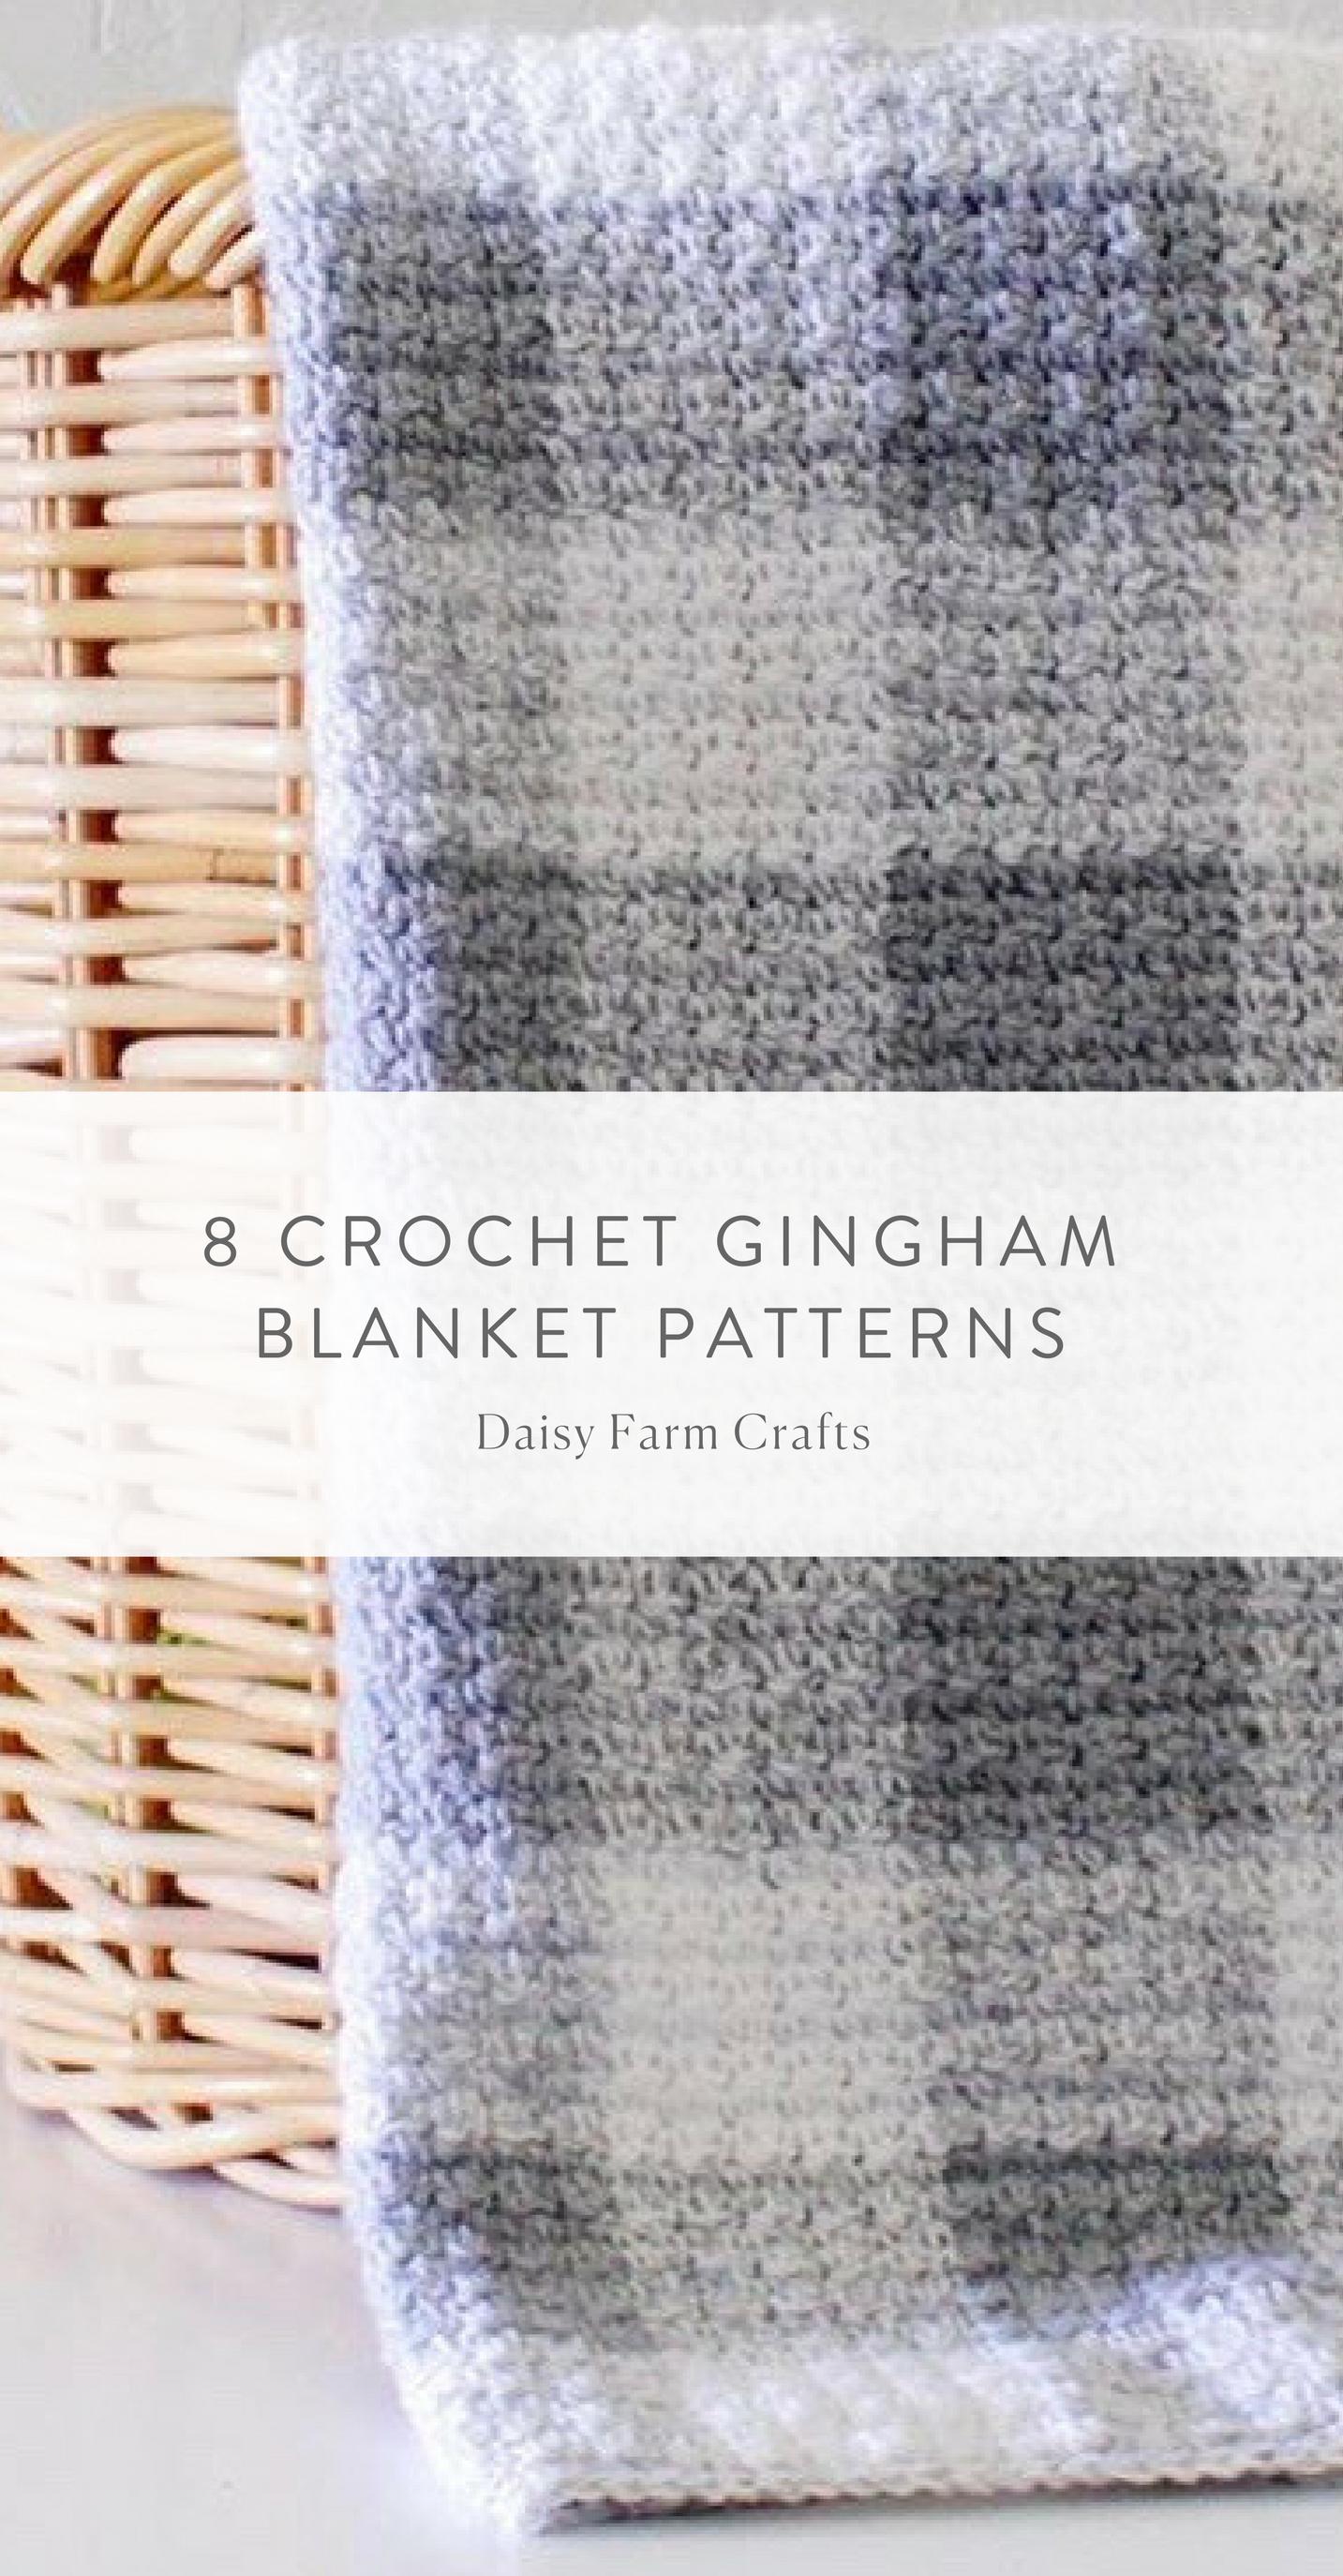 8 Crochet Gingham Blanket Patterns | Crochet | Pinterest | Crochet ...